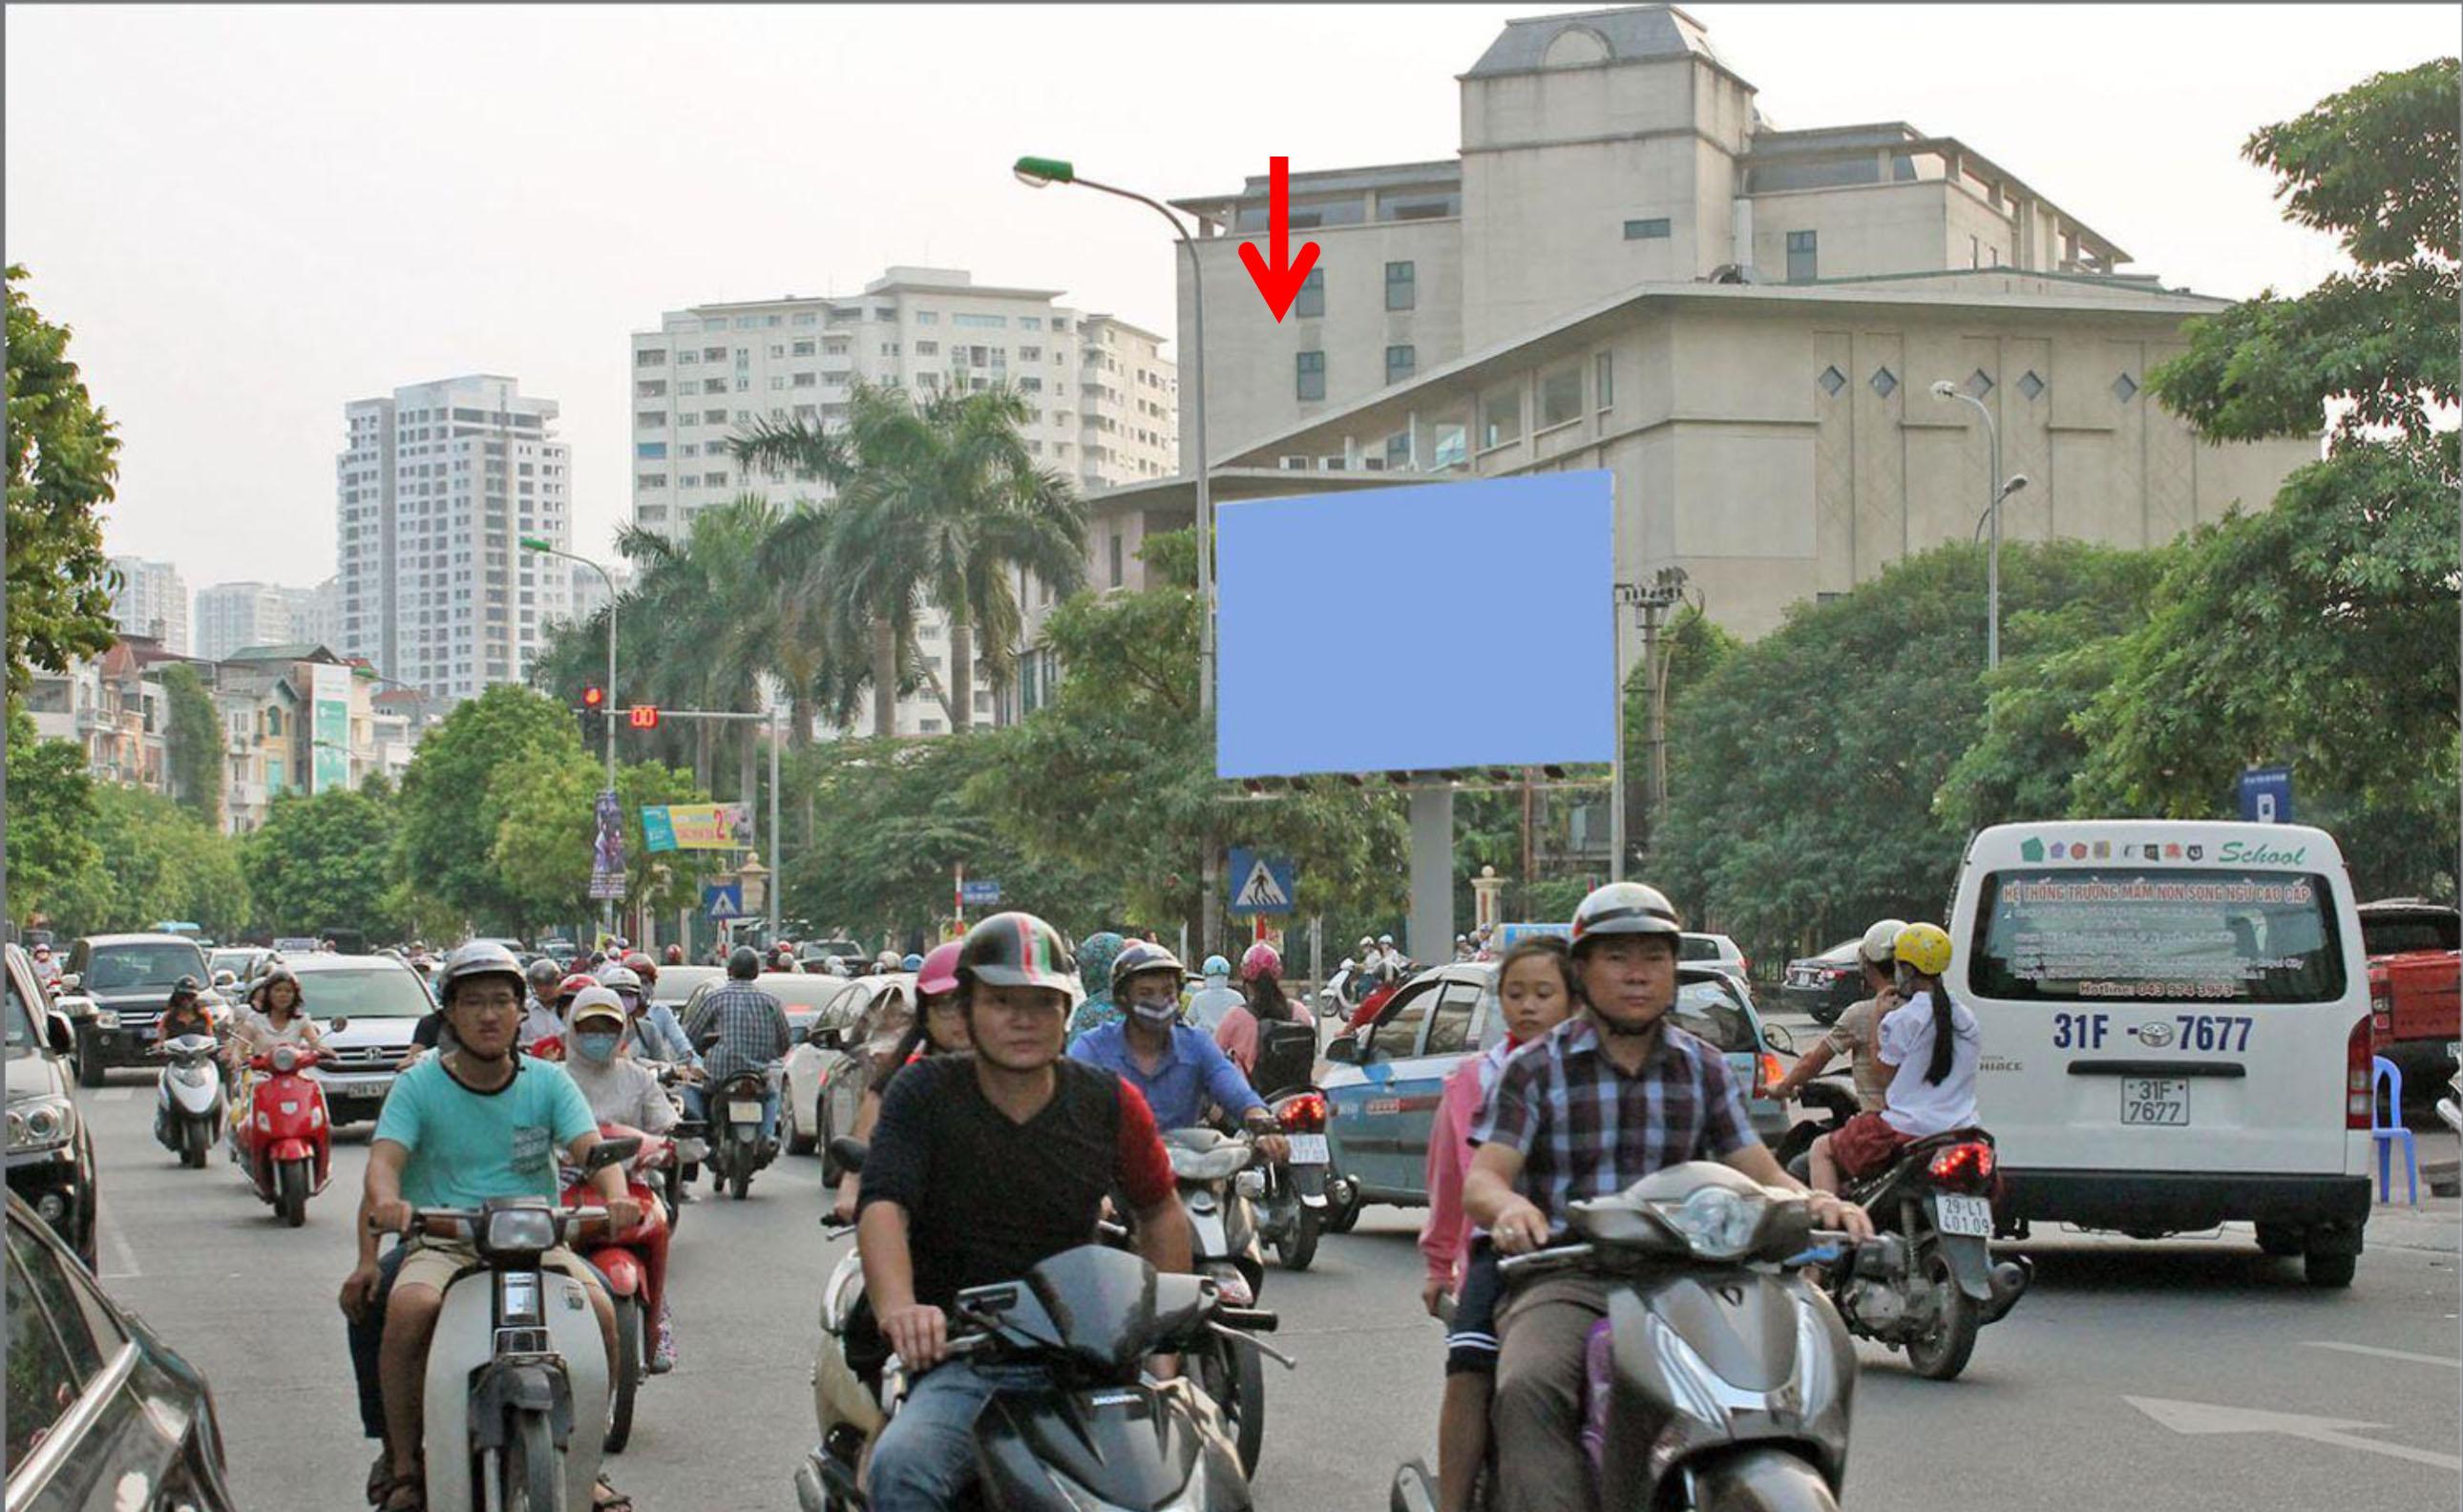 Ngã tư Vũ Phạm Hàm - Trung Hòa, Q.Cầu Giấy, Hà Nội